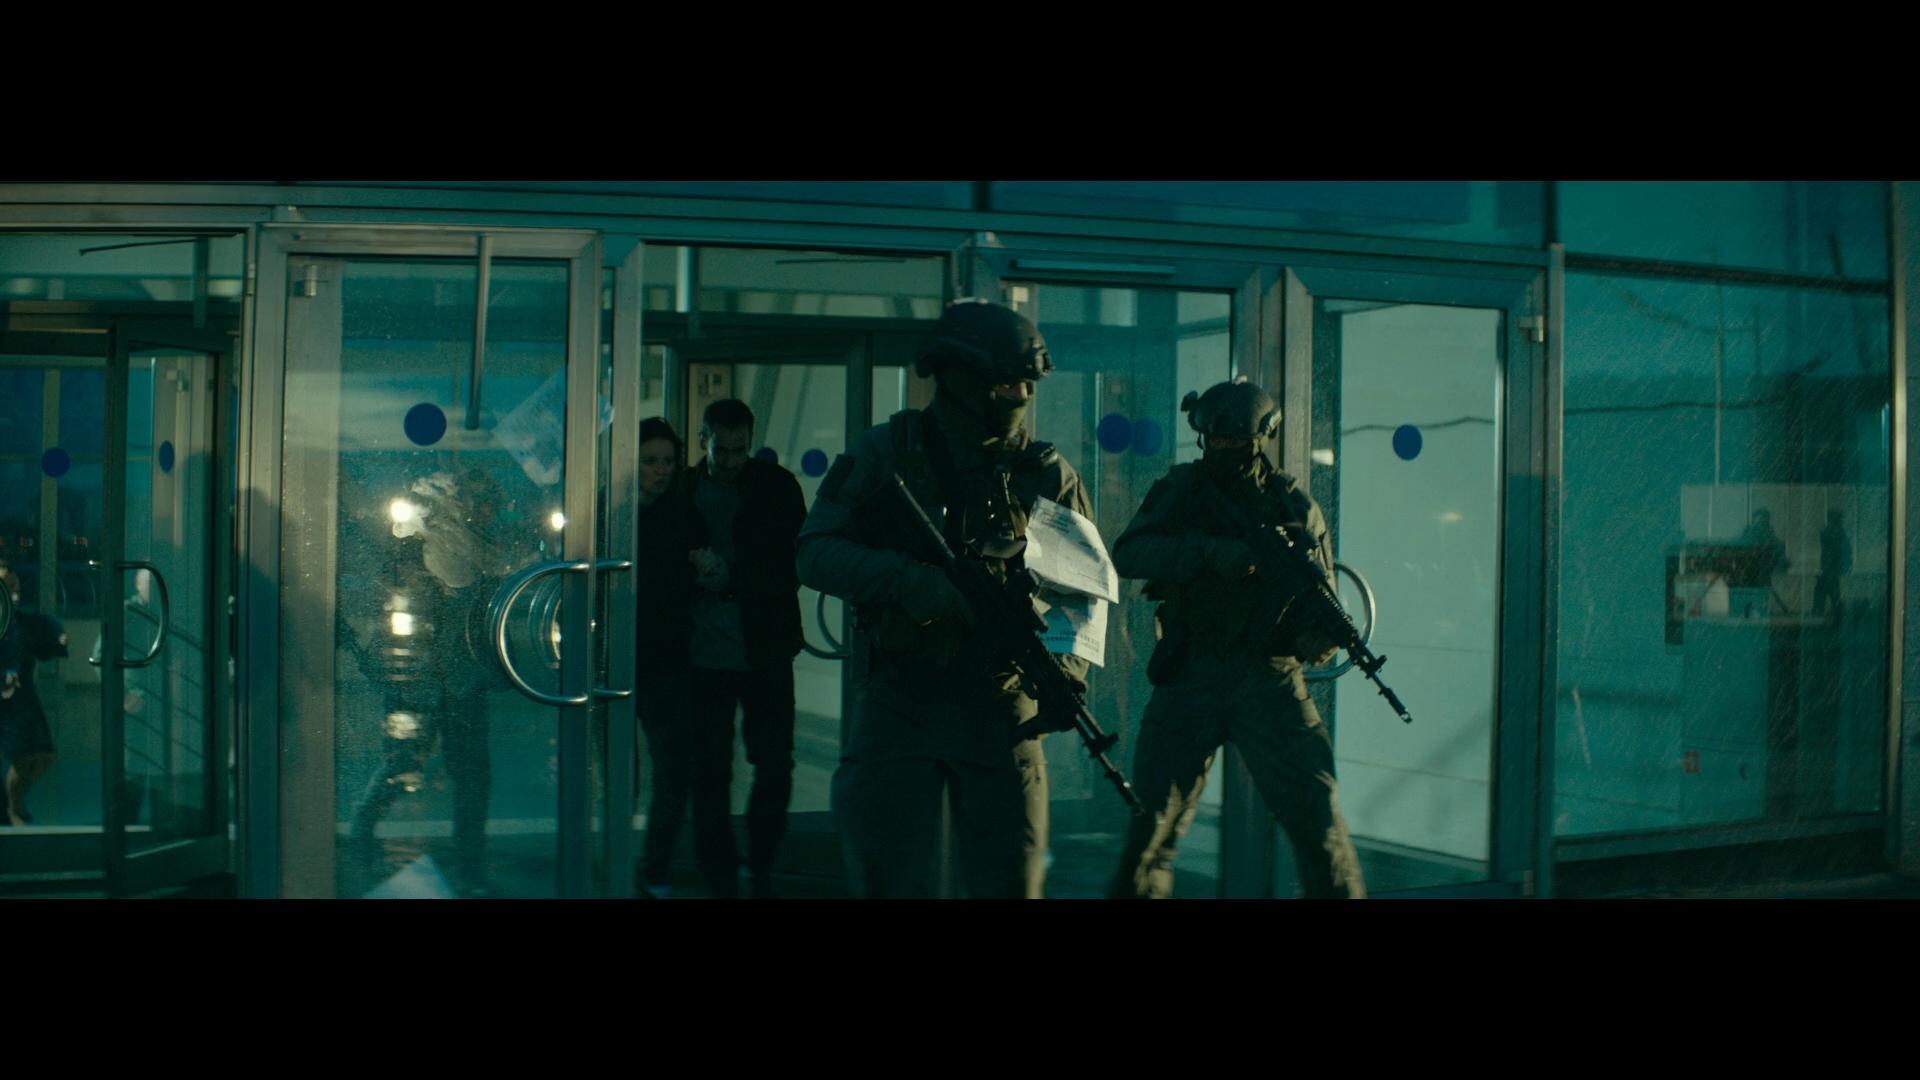 Invasión: El fin de los tiempos (2020) 1080p BDRip Latino